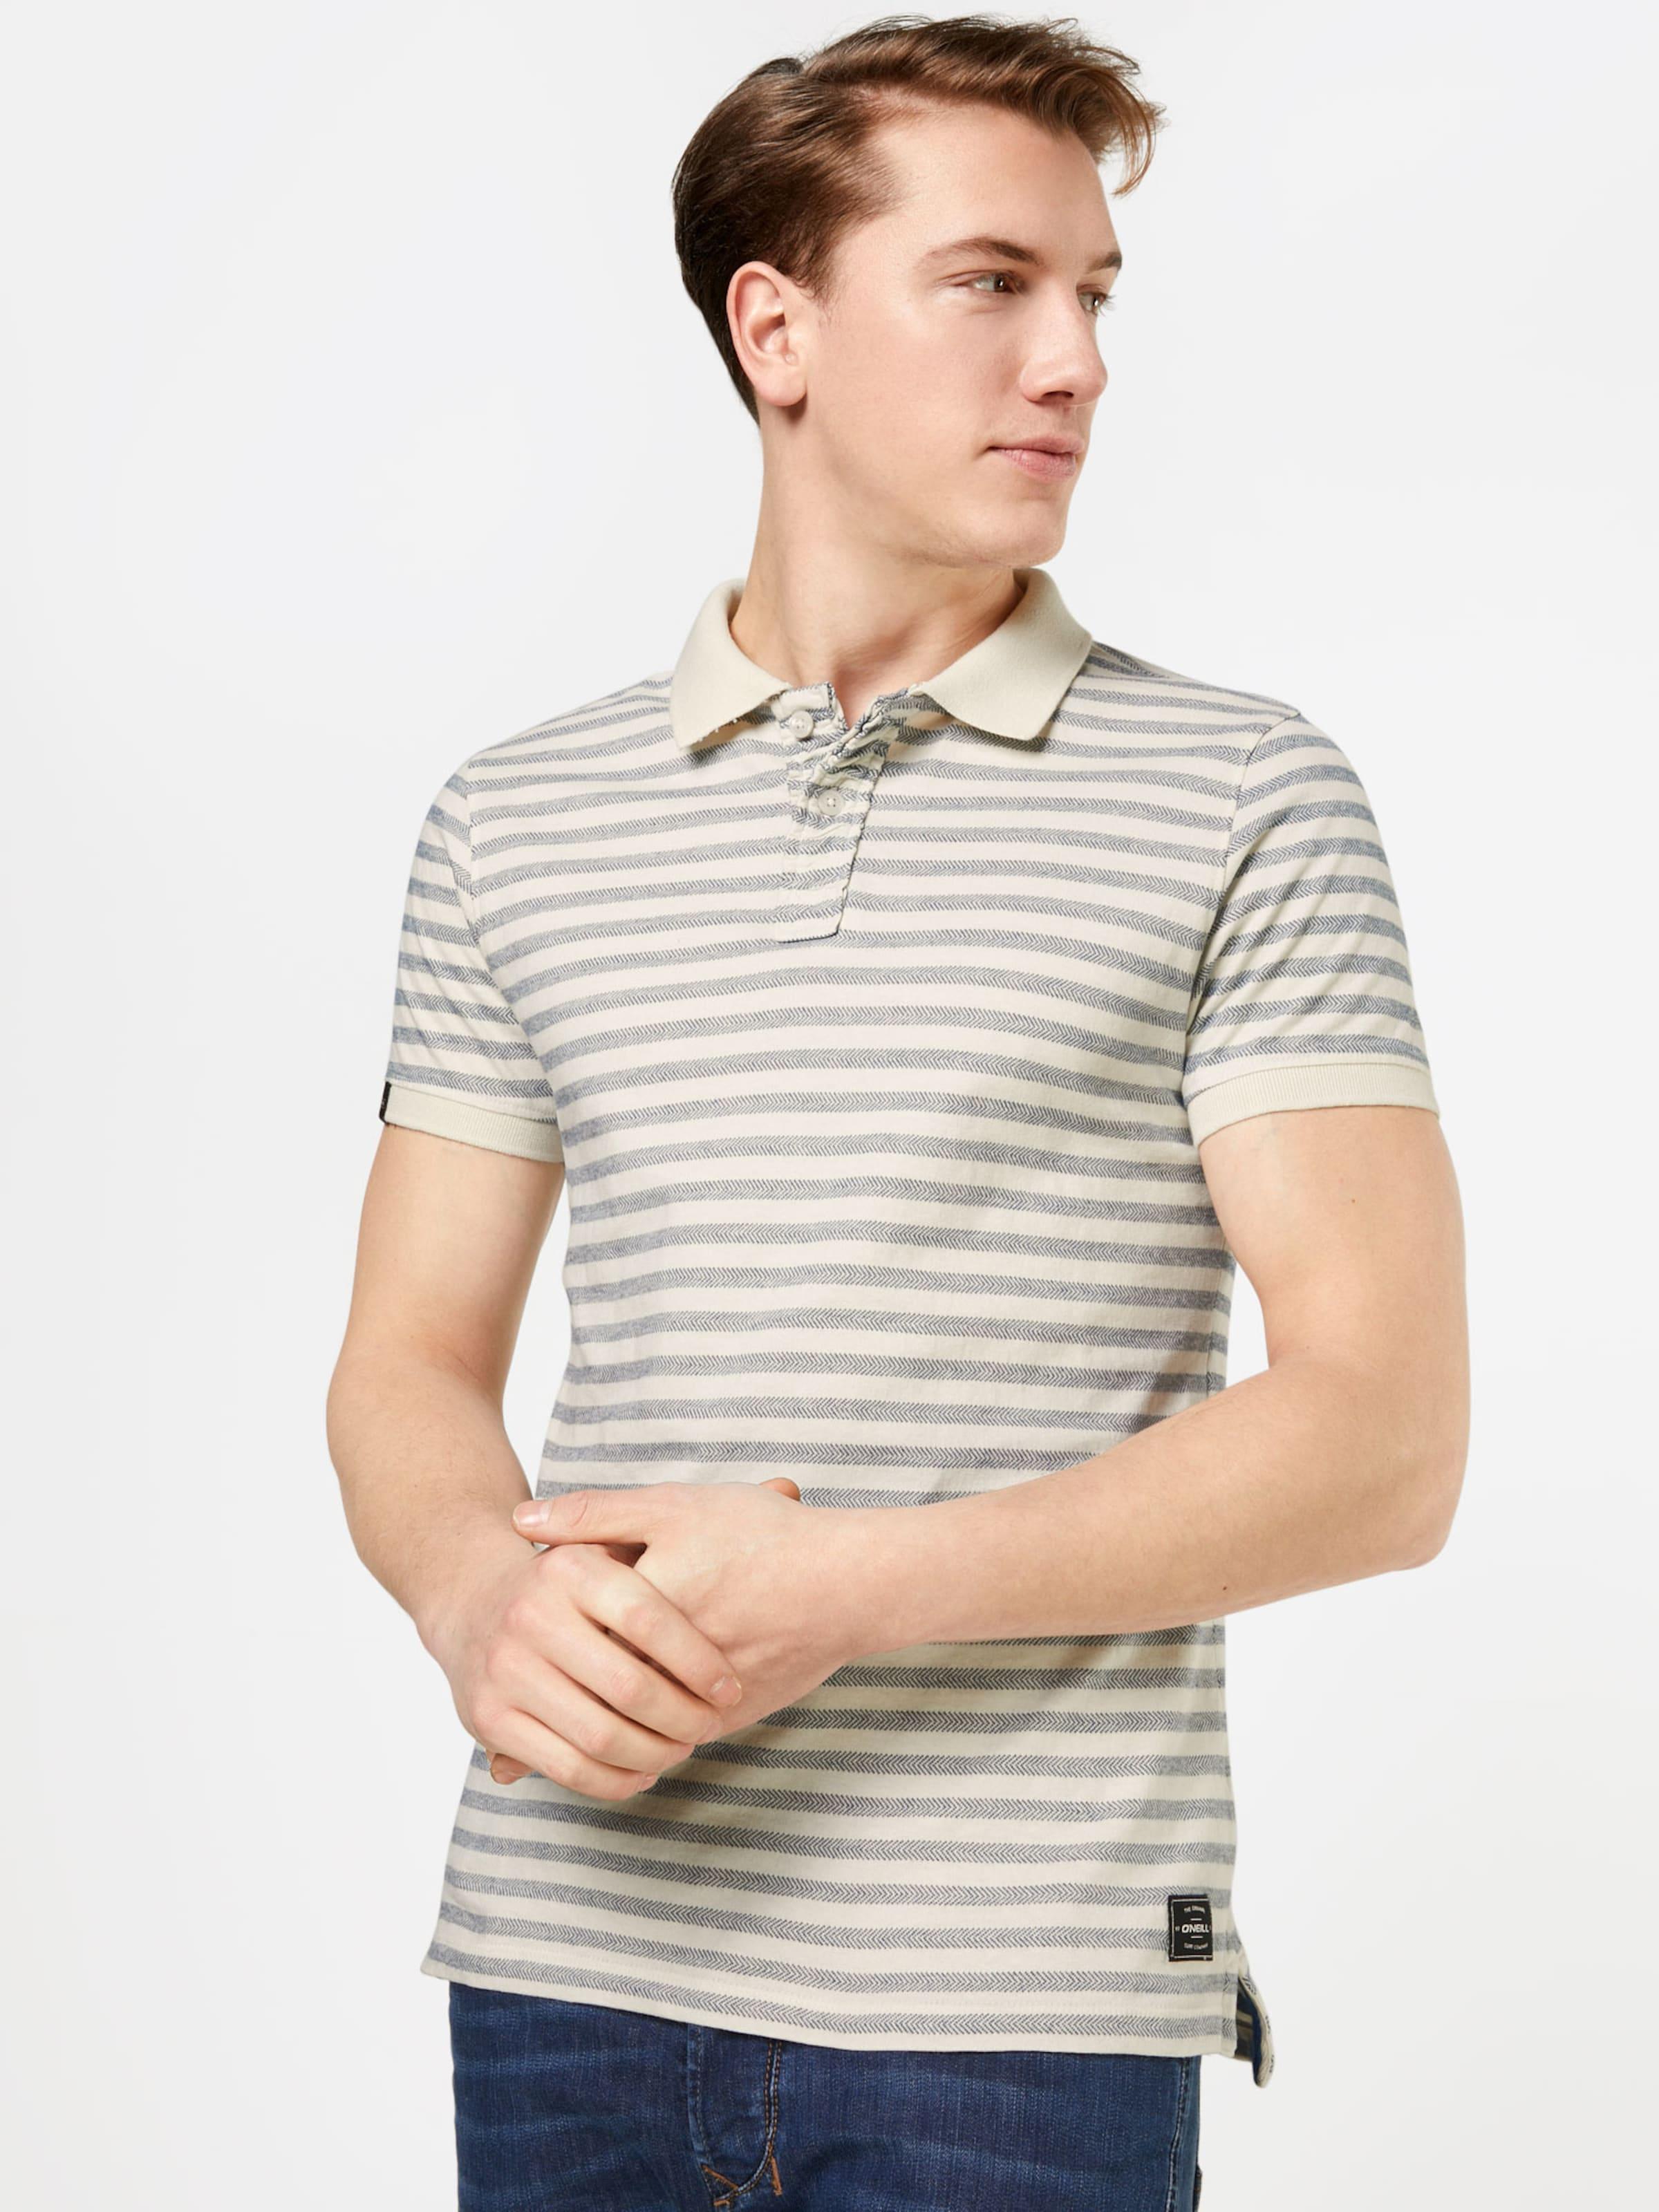 O'NEILL Shirt 'JACK'S SPECIAL POLO' Zum Verkauf 2018 Verkauf Zum Verkauf Große Überraschung Günstig Online yBdvETXQtC